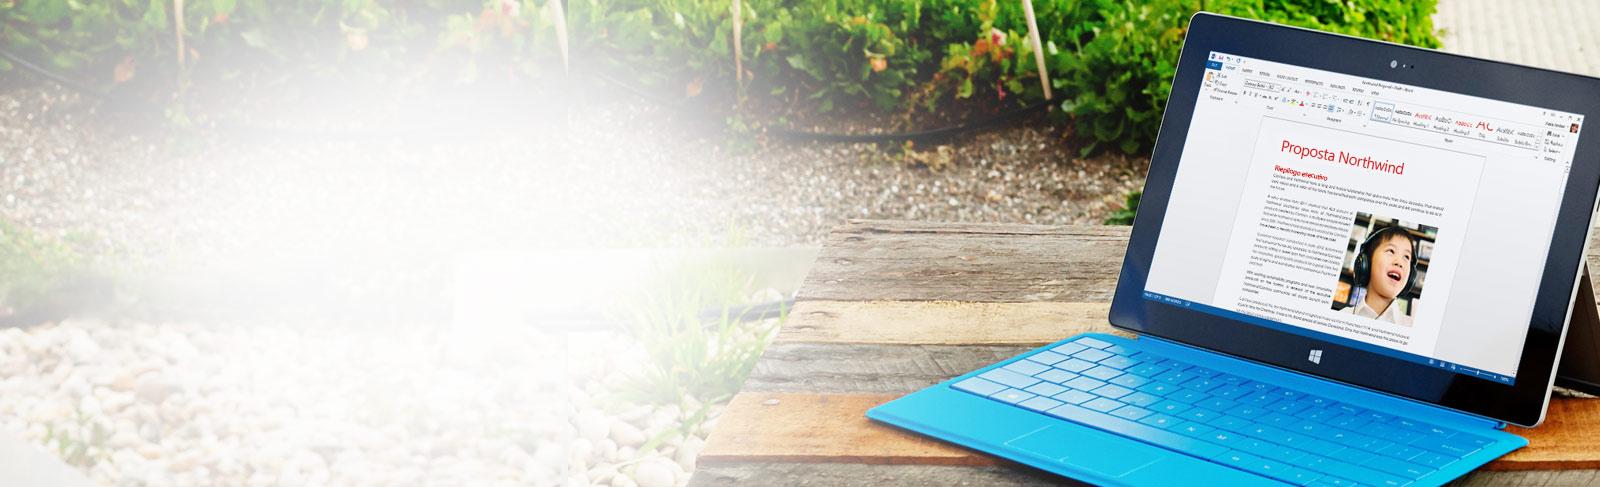 Persona al lavoro che digita su una tastiera, davanti a uno schermo che mostra un documento di Word.